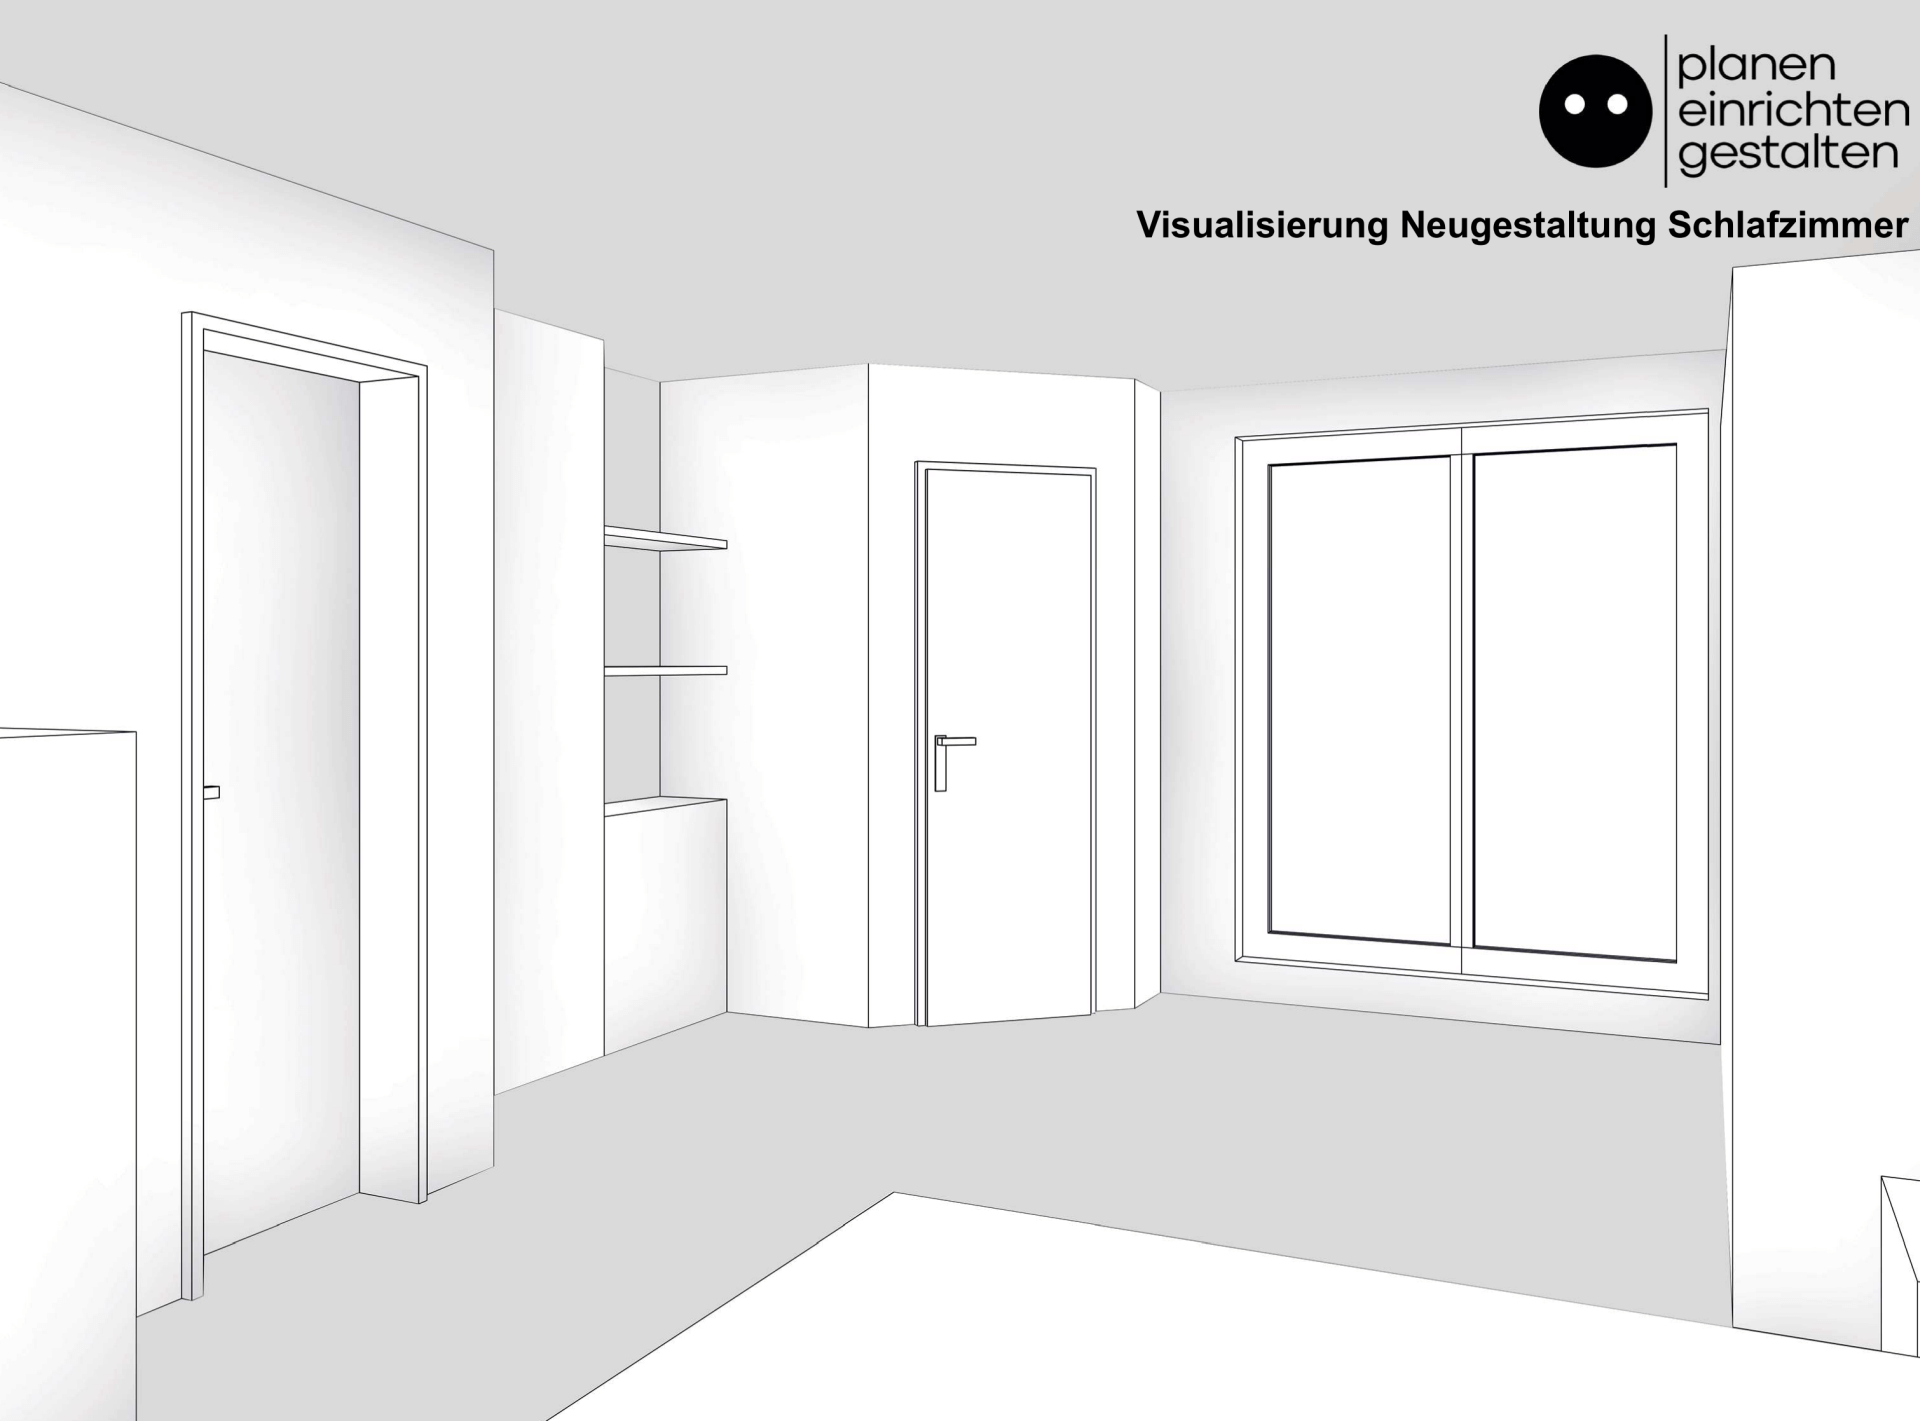 Ausschnitt der Visualisierung für die neue Wand, mit Tür und Regal. Im linken Bildbereich erennt man die neue Tür, welche die bestehende Schiebetür ersetzt.